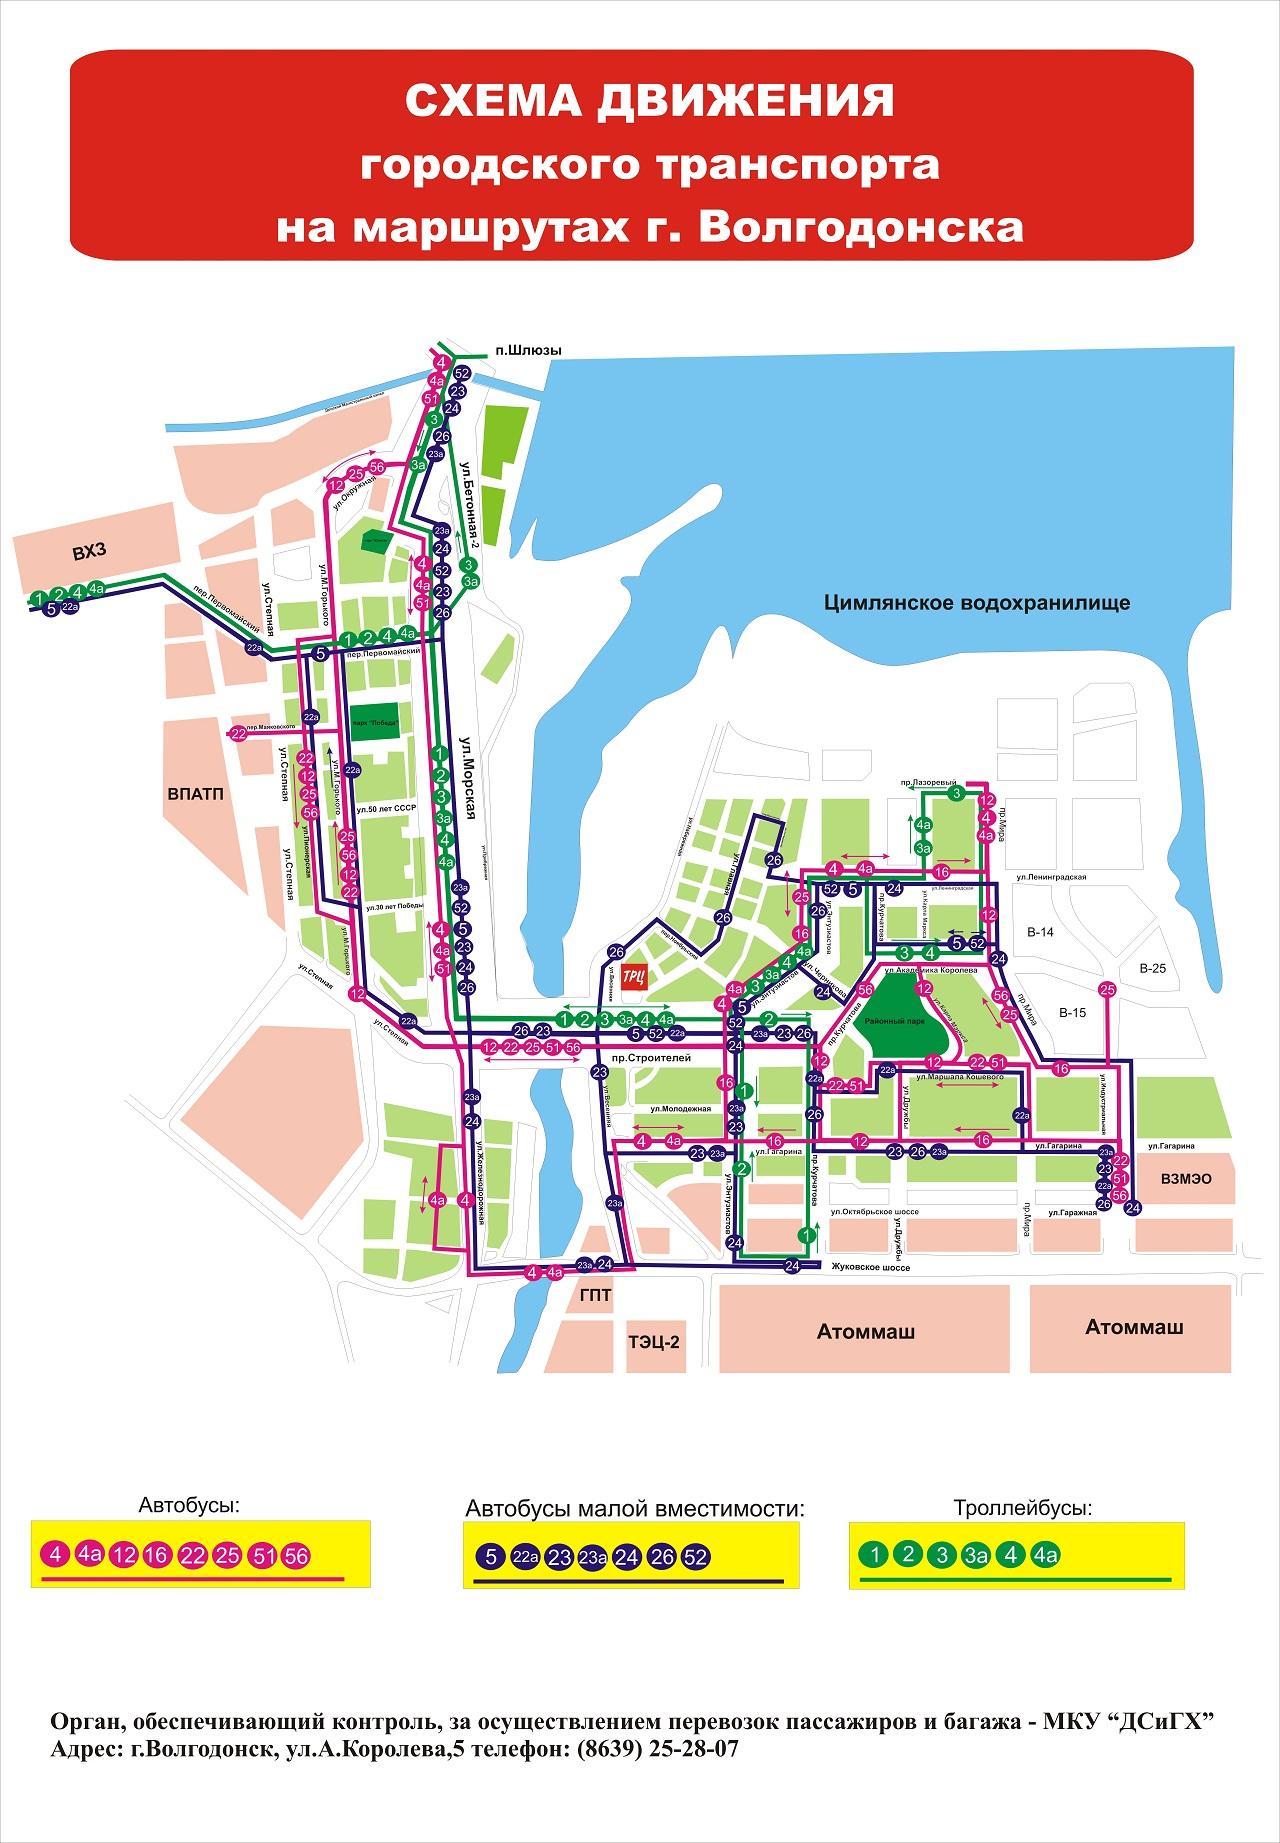 составлении рабочих ставрополь маршруты общественного транспорта белый город приказа переводе основное